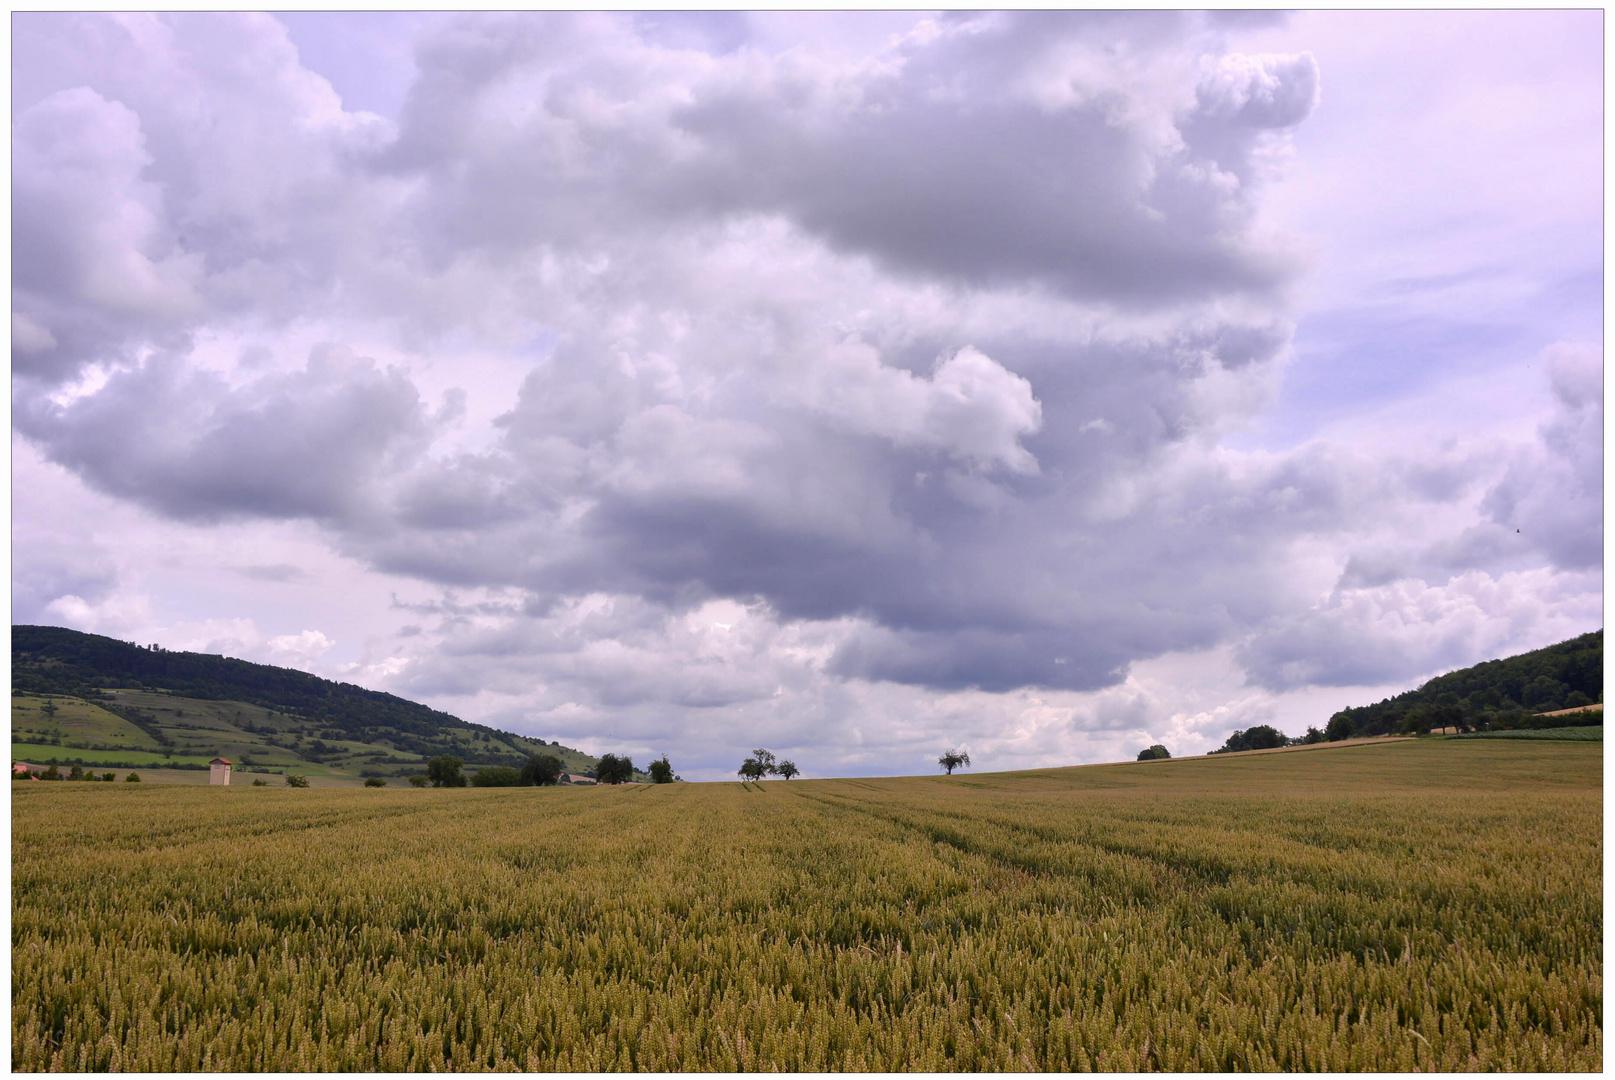 el paisaje bonito cerca de mi pueblo (schöne Landschaft um meinem Dorf)